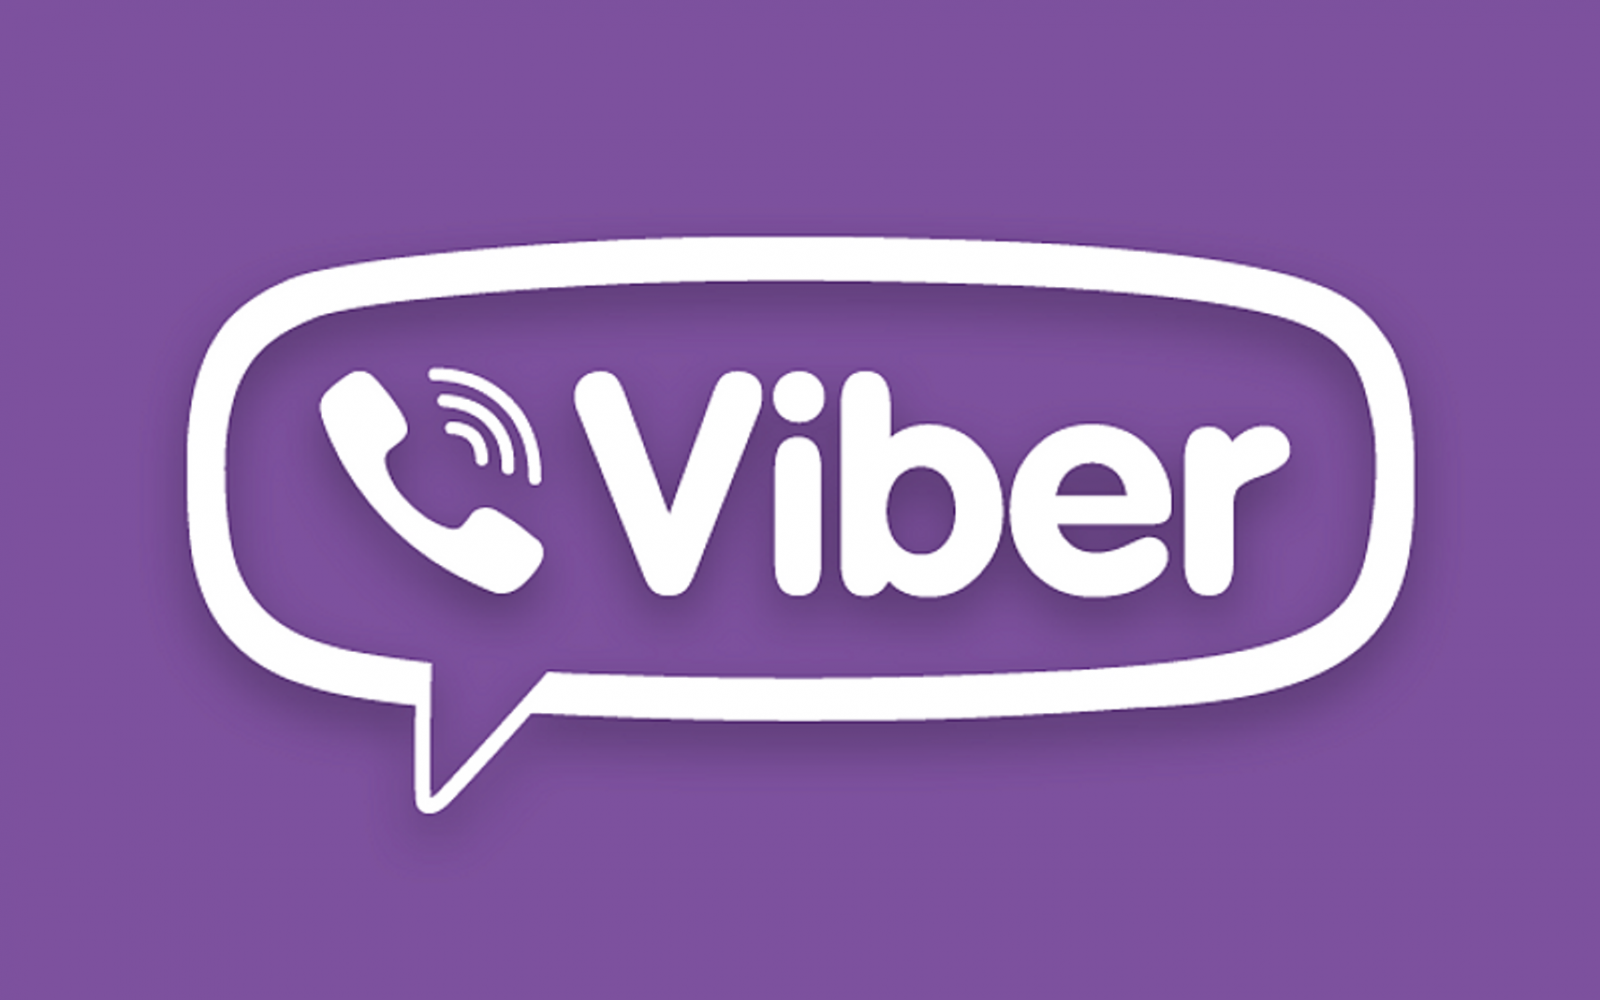 بهرنامهی Viber  بۆ كۆمپیوتهر و مۆبایل (ئهندرۆید و ئای ئۆ ئیس